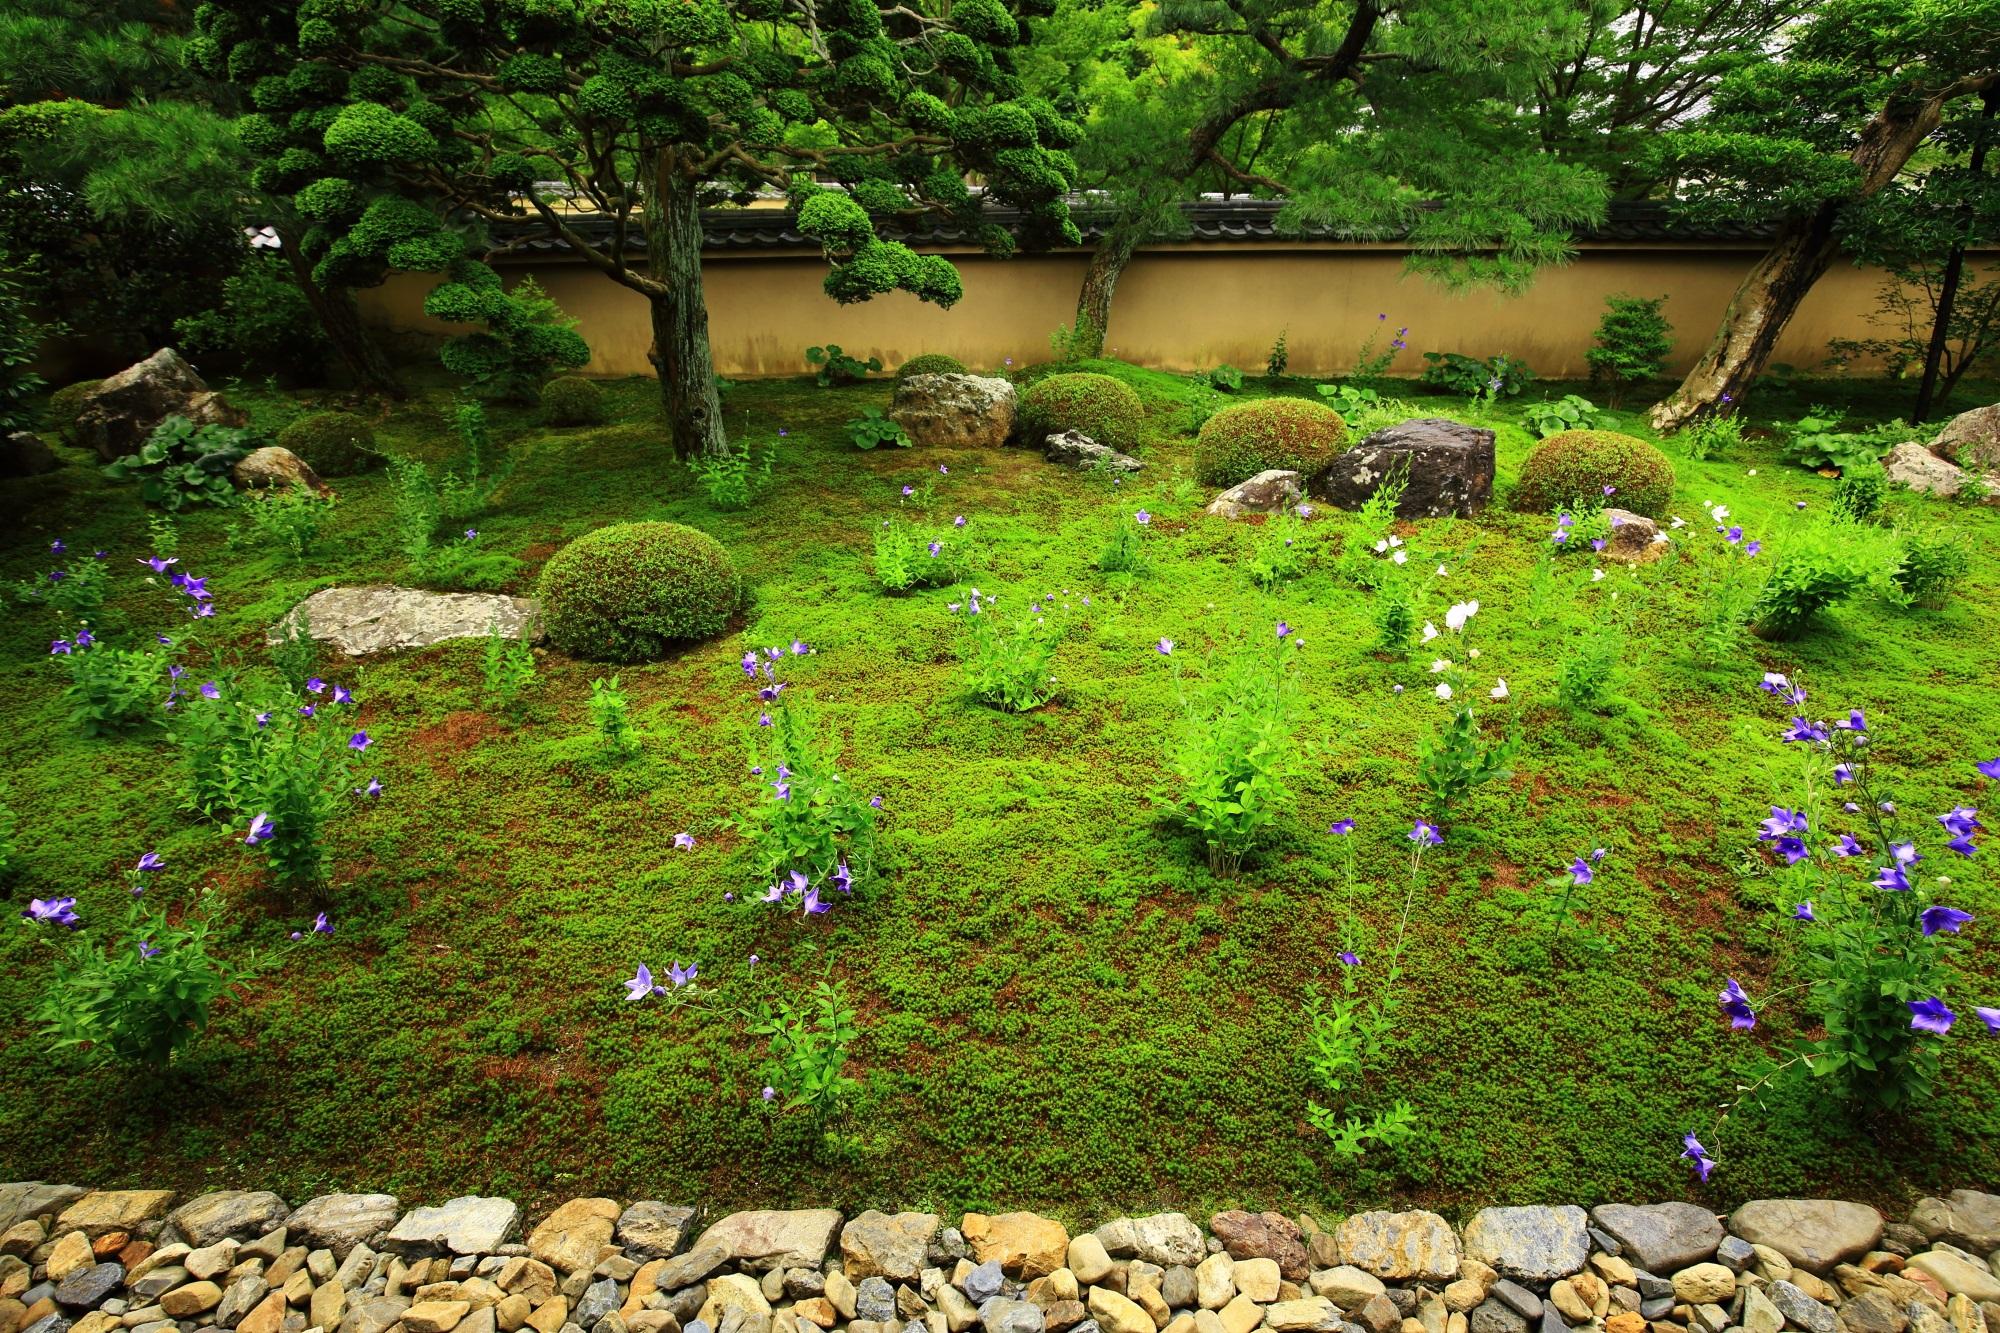 美しい緑と桔梗の花につつまれる初夏の天得院